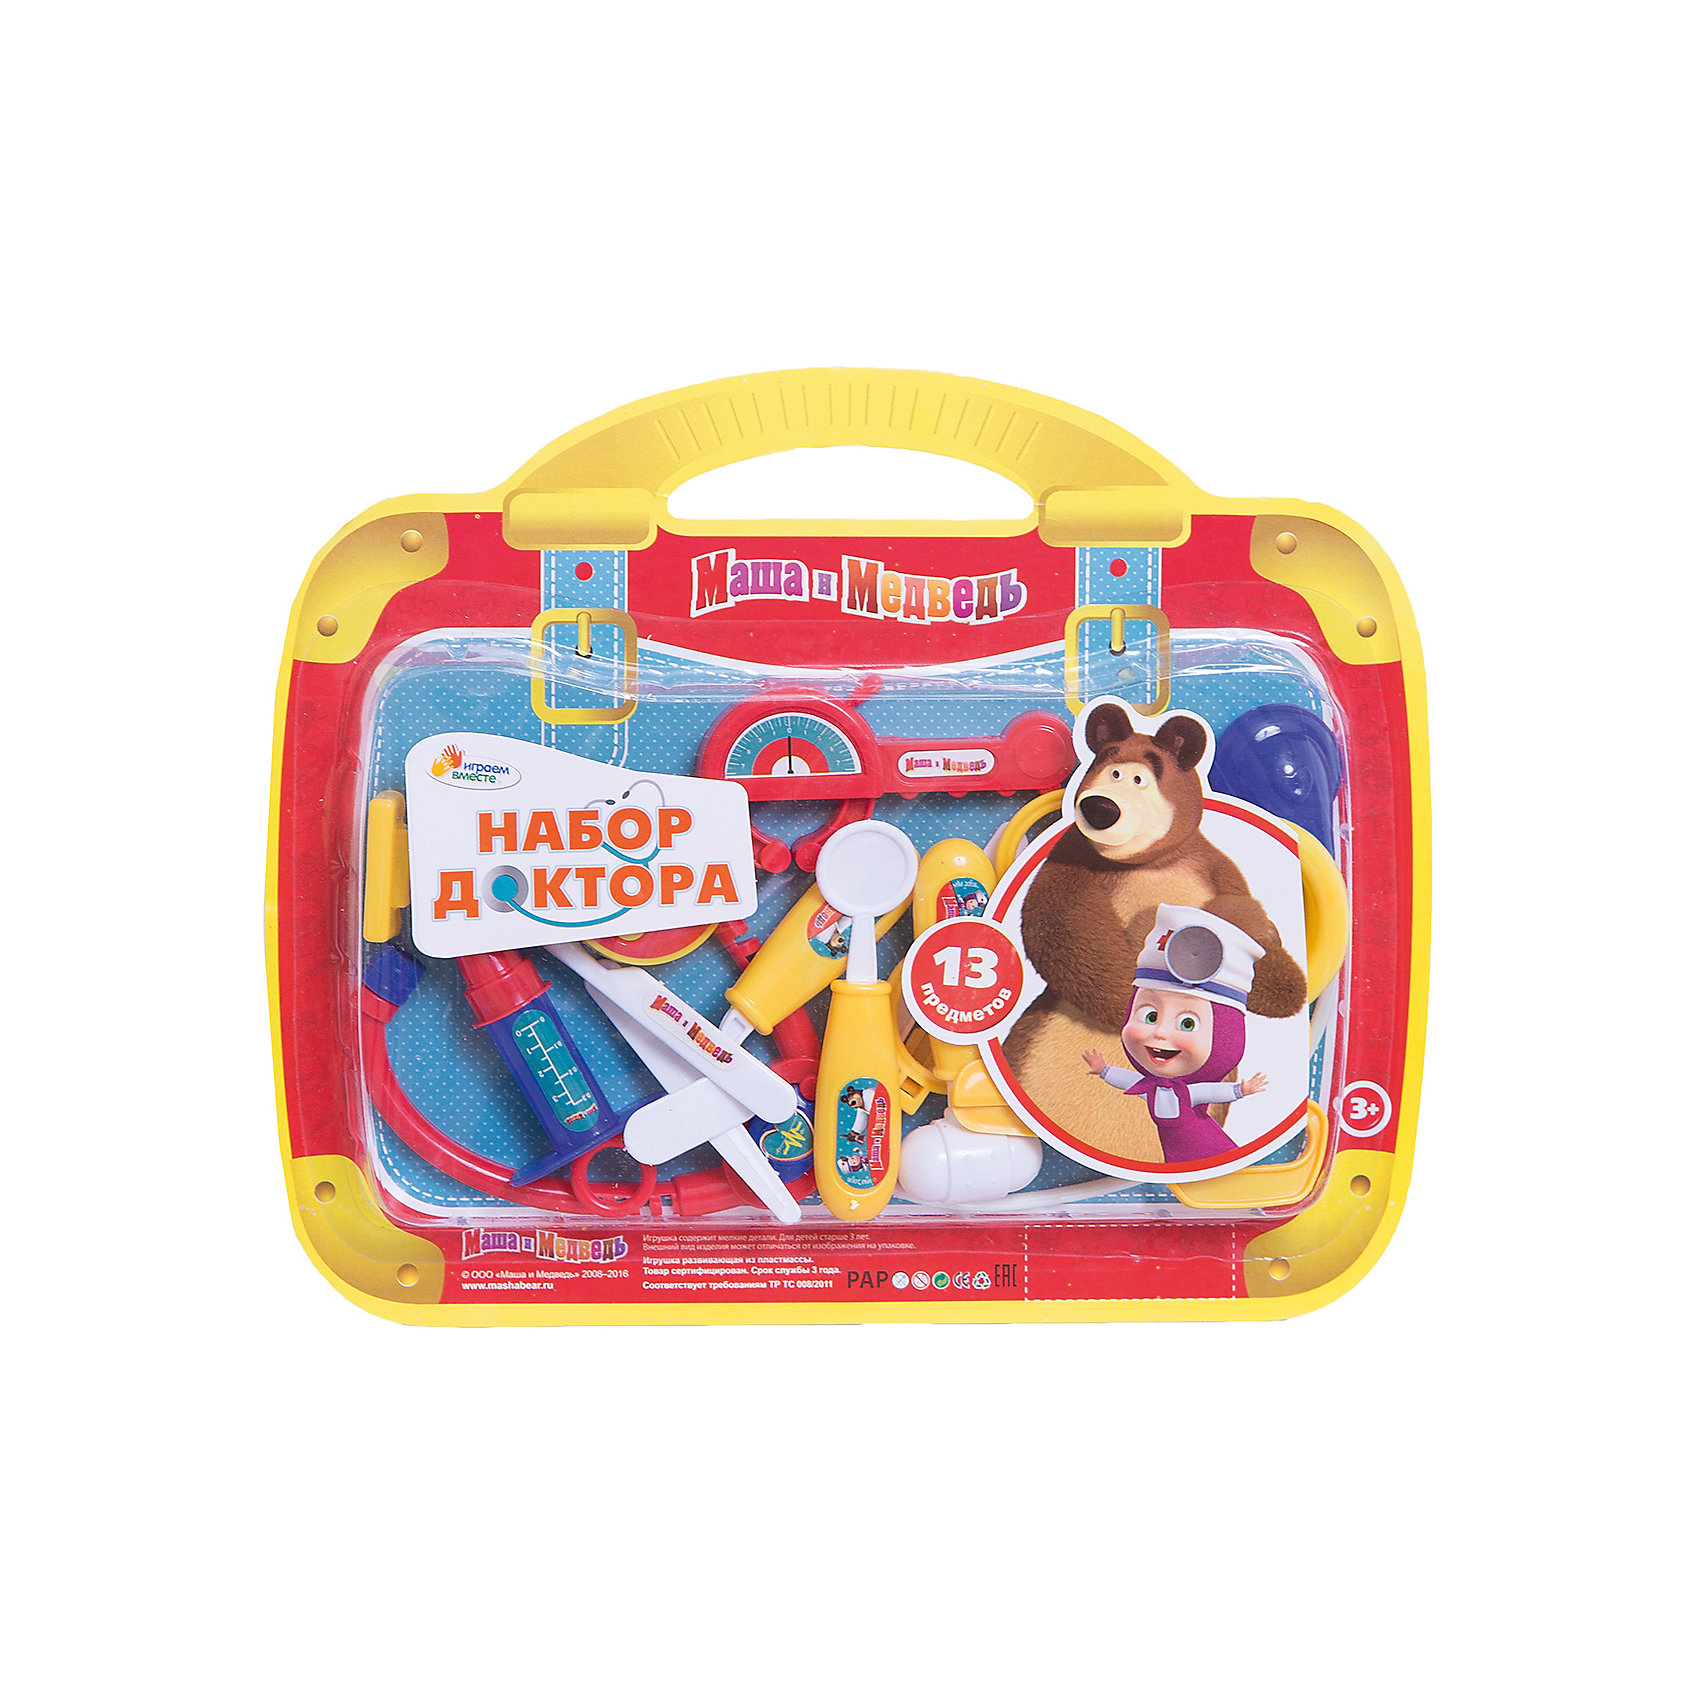 Набор доктора Маша и медведь, 13 предметов, Играем вместеЛюбой ребенок старается подражать взрослым, именно поэтому игры с предметами как у взрослых очень популяры у детей. Малыша обязательно порадует такой набор! Играть с ним приятнее еще и потому, что на изделии изображены любимые мультяшные герои!<br>Игрушка представляет собой набор из пластиковых медицинских инструментов в удобной упаковке. Сделаны они из качественных материалов, безопасных для ребенка.<br><br>Дополнительная информация:<br><br>цвет: разноцветный;<br>материал: пластик;<br>комплектация: 13 предметов;<br>размер упаковки: 20 x 310 x 250 мм.<br><br>Набор доктора Маша и медведь, 13 предметов, от бренда Играем вместе можно купить в нашем магазине.<br><br>Ширина мм: 20<br>Глубина мм: 310<br>Высота мм: 250<br>Вес г: 160<br>Возраст от месяцев: 36<br>Возраст до месяцев: 2147483647<br>Пол: Женский<br>Возраст: Детский<br>SKU: 5002270